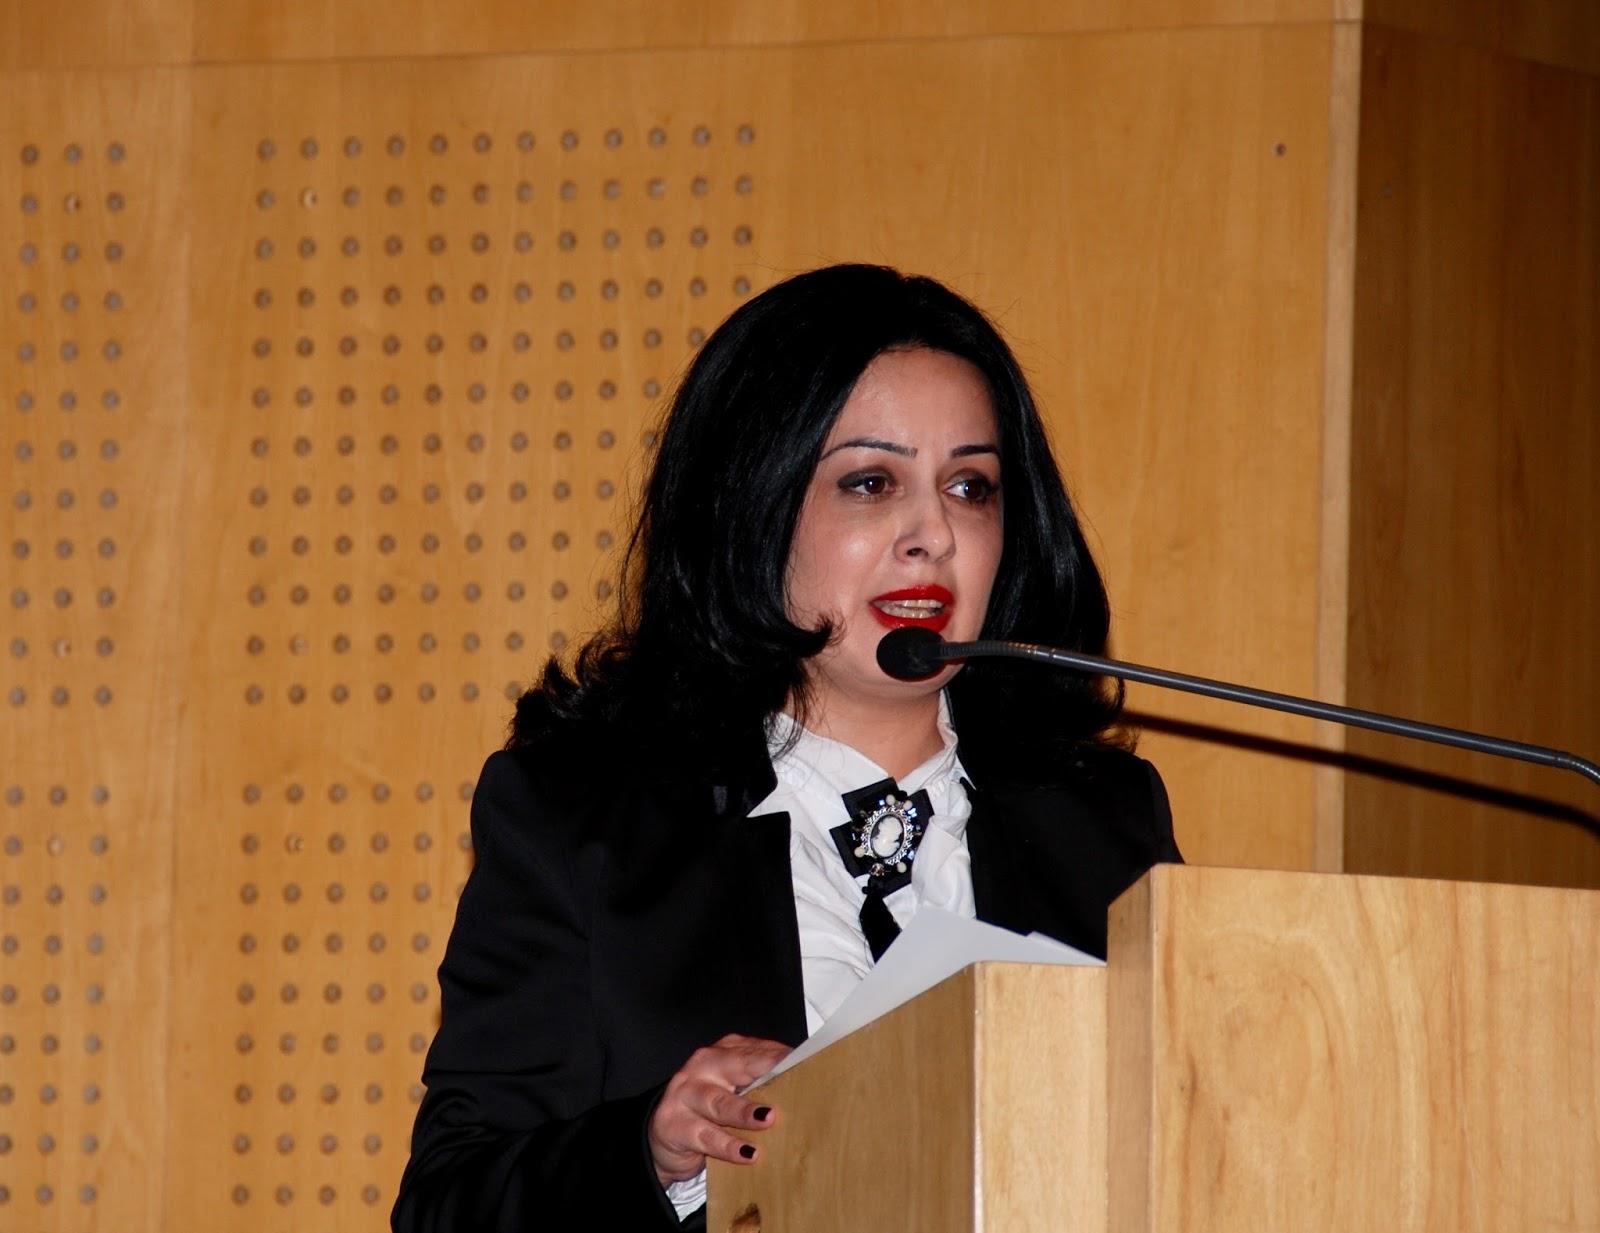 Посол Армении в Аргентине задекларировала 2 квартиры и 16 тысяч долларов США - «Паст»